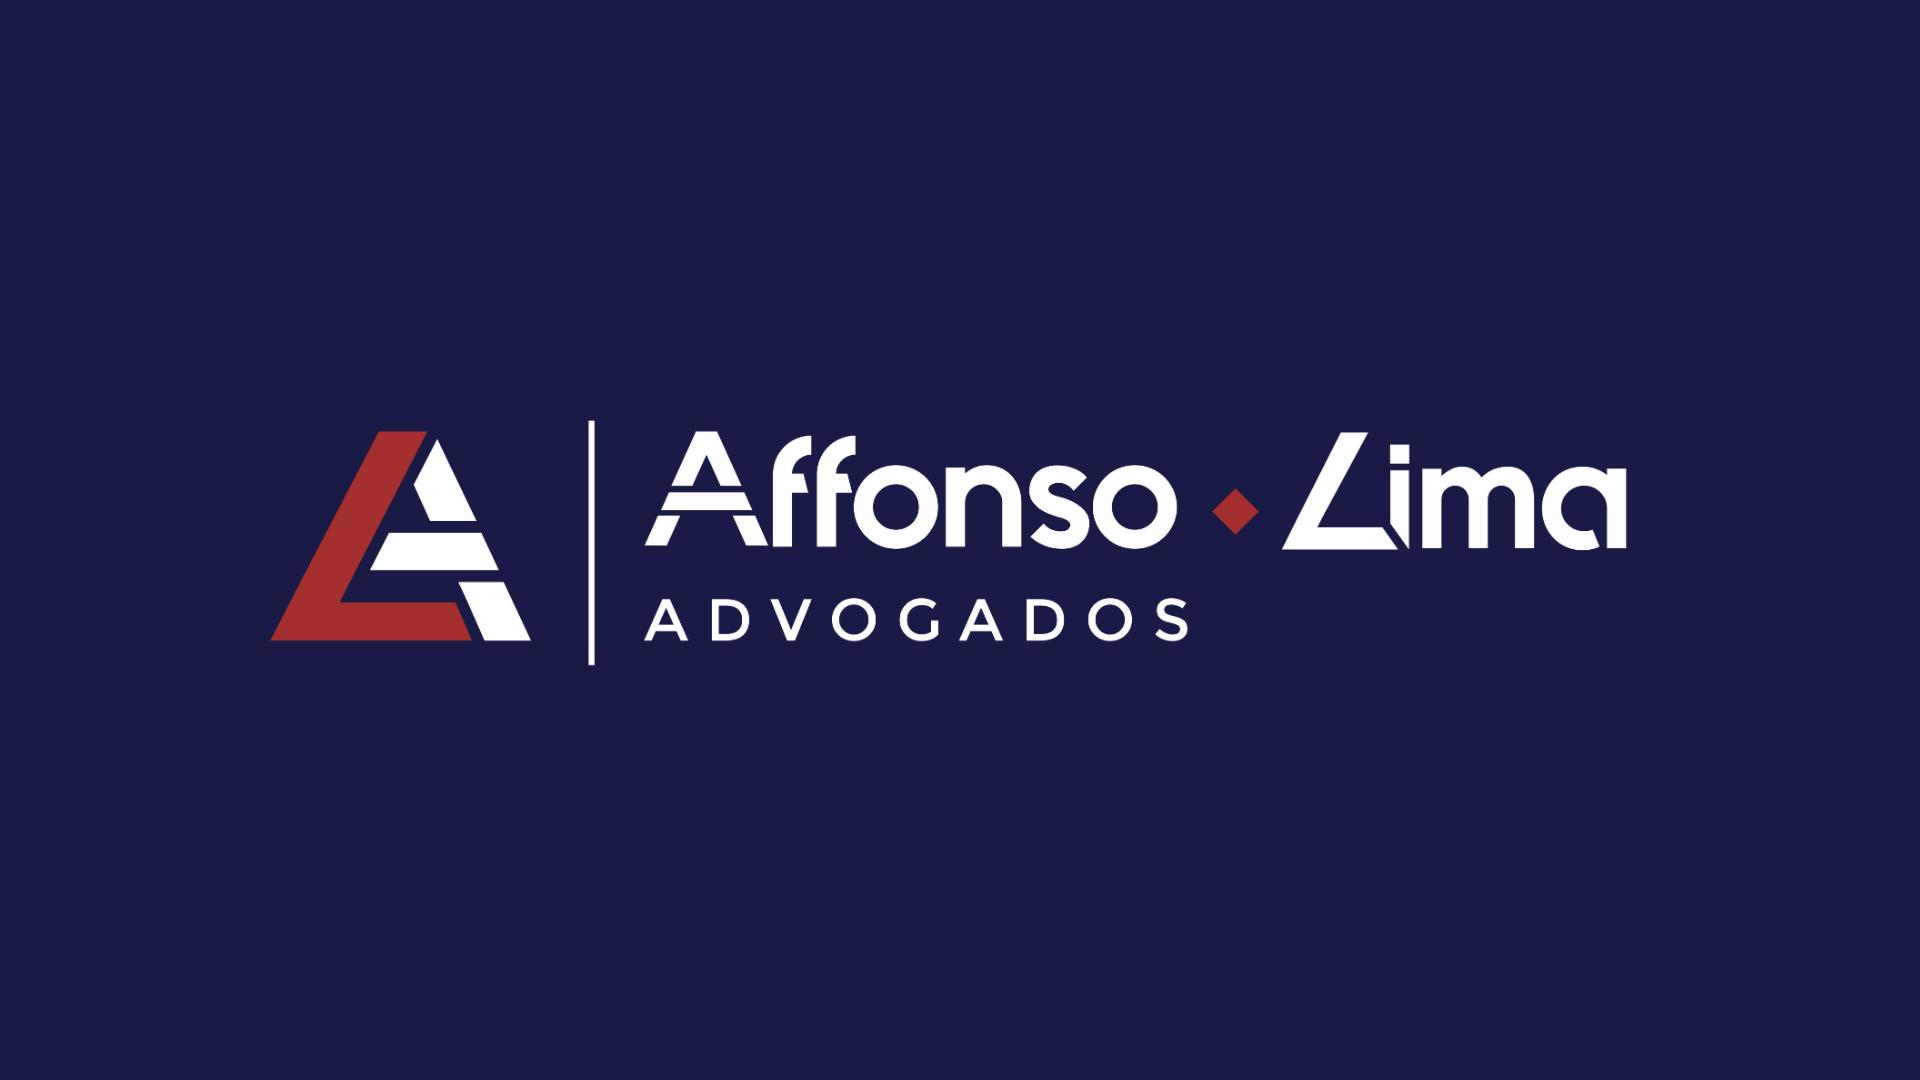 Marca Registrada - Affonso e Lima Advogados - Somos especialistas em Direito Digital e auxiliamos Influencers, Youtubers e outras pessoas e empresas em todas as suas necessidades jurídicas.